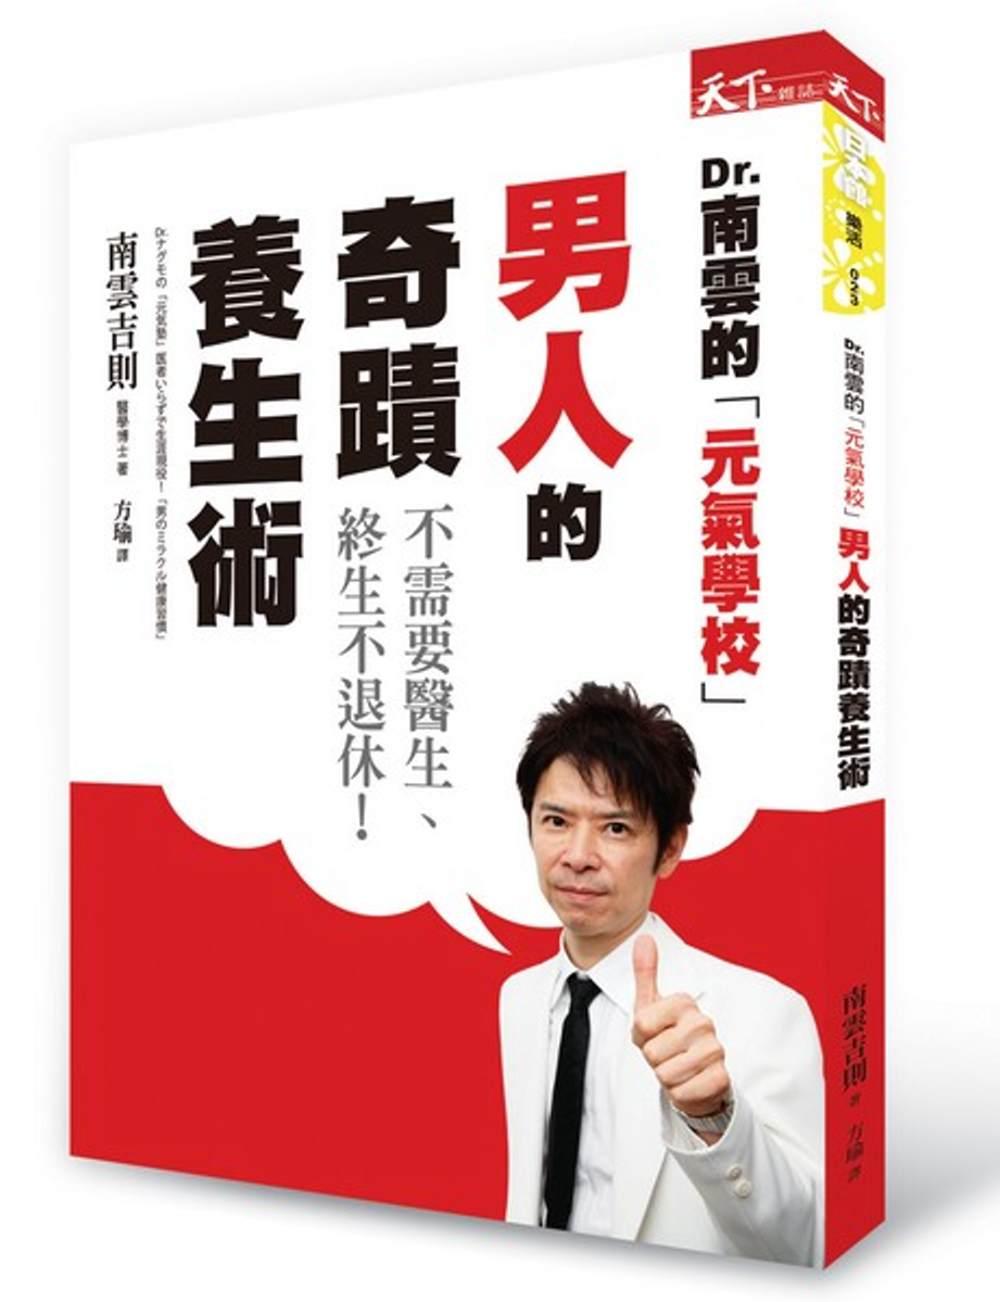 男人的奇蹟養生術:Dr.南雲的元氣學校